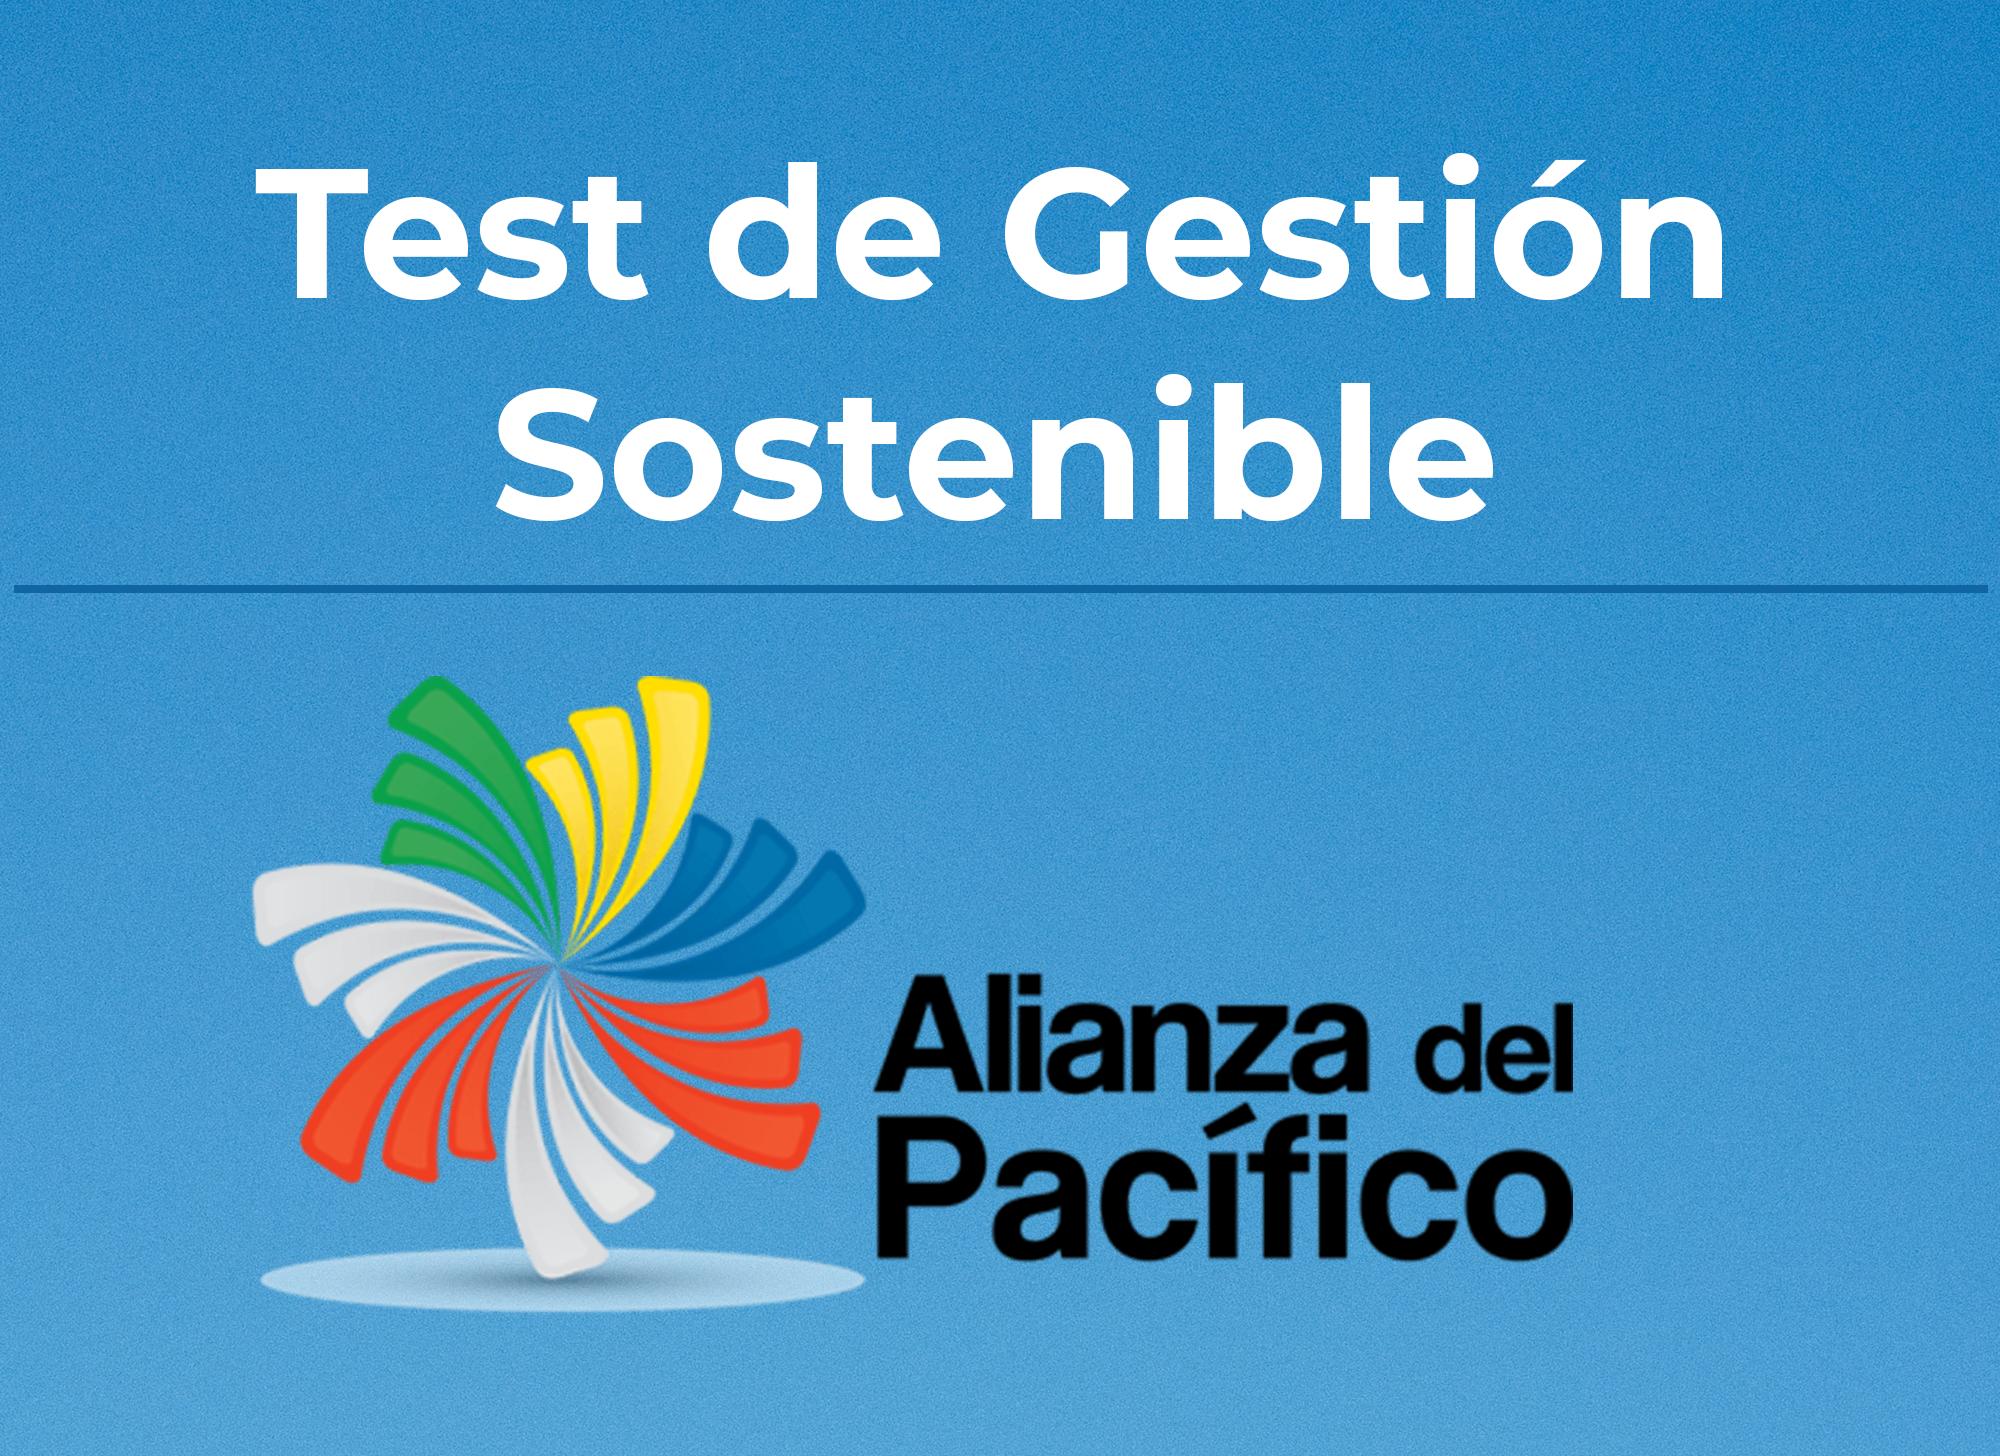 Test de Gestion Sostenible de Alianza del Pacifico